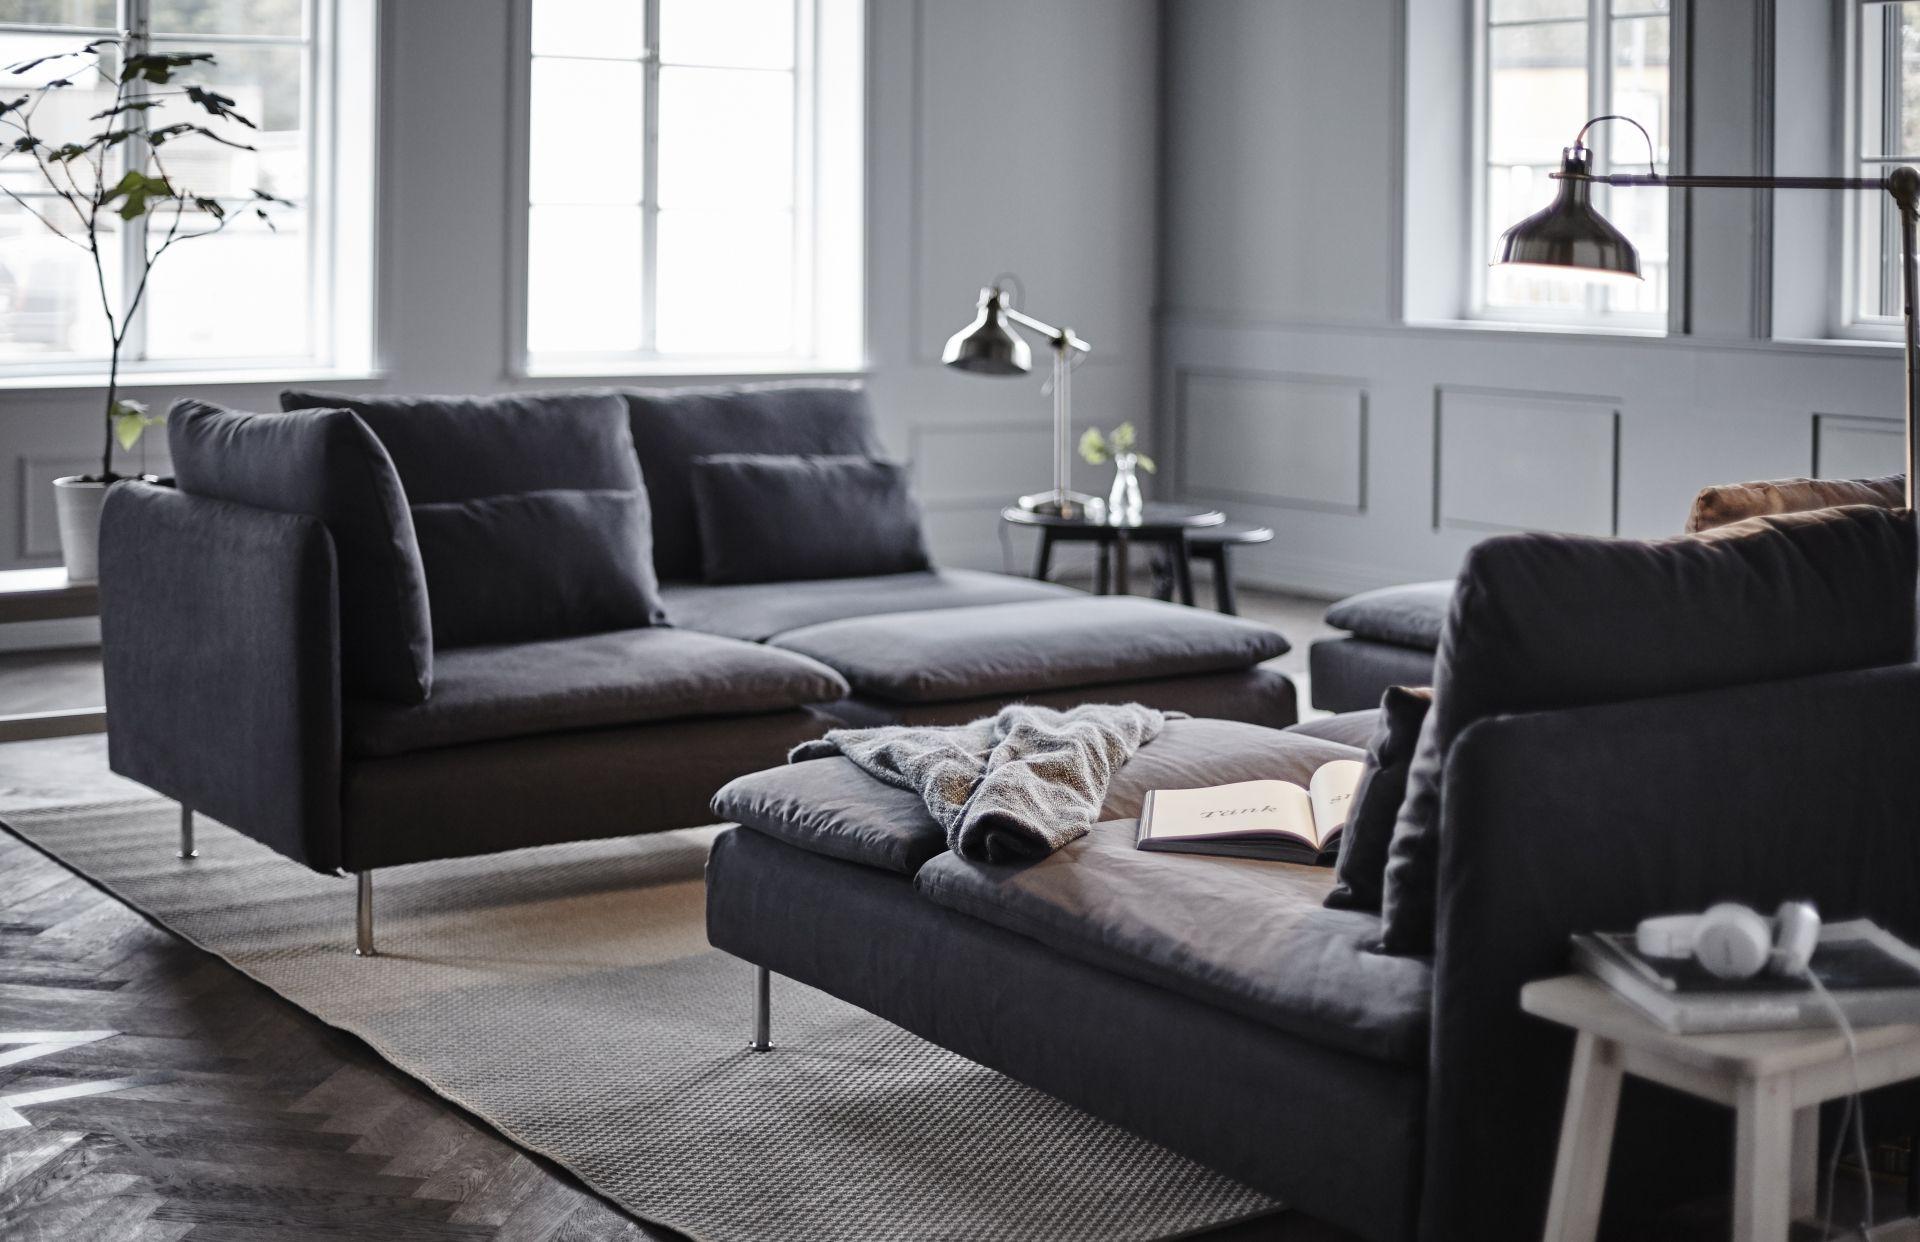 Soderhamn Serien Hjornesofa Gra Modulsofa Ikea Interior Stue